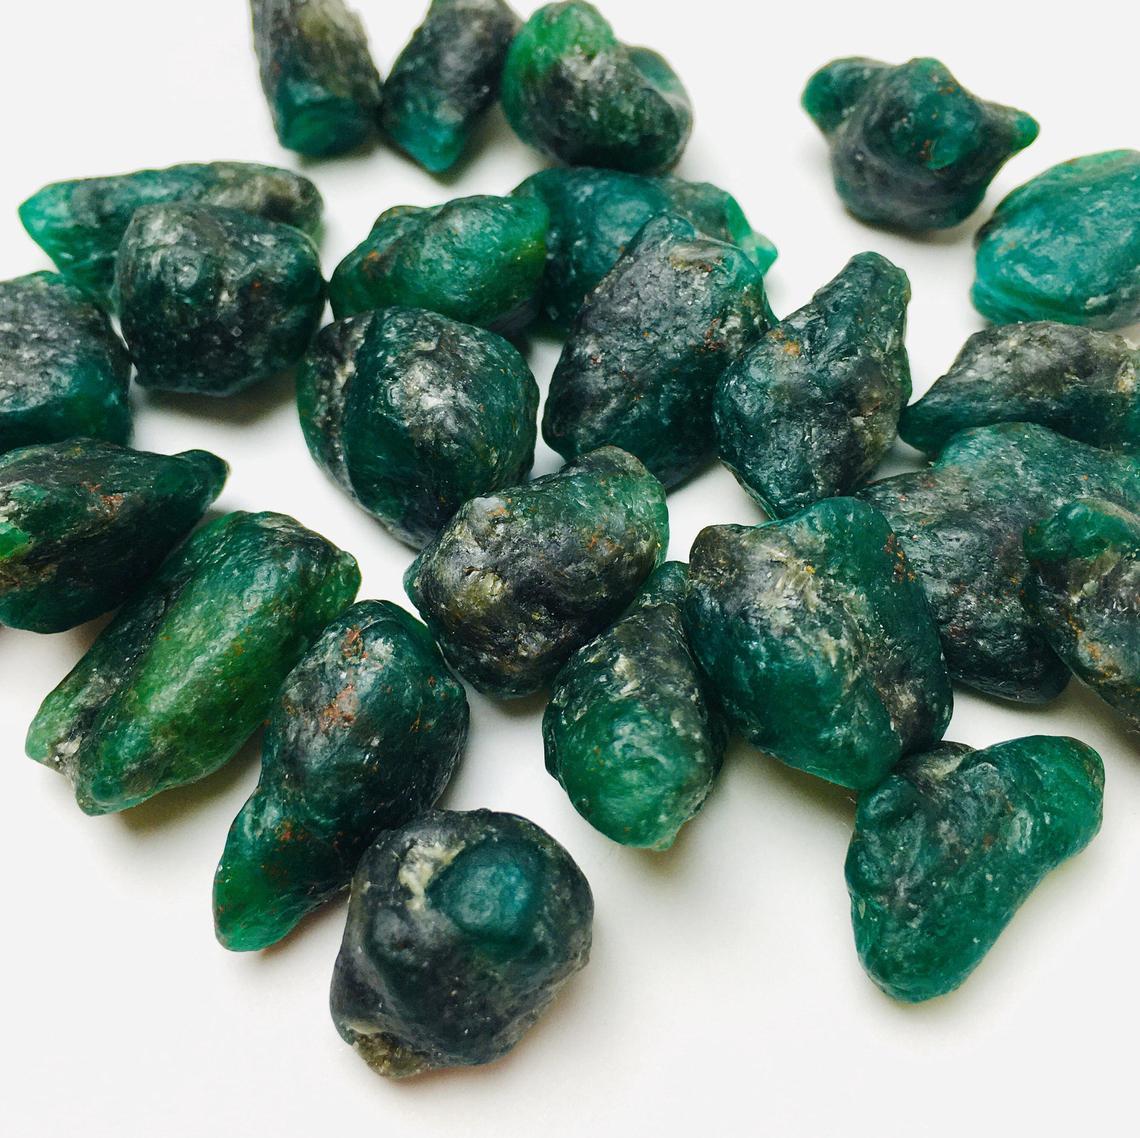 أحجار زمرد خام ذو الوان متنوعة